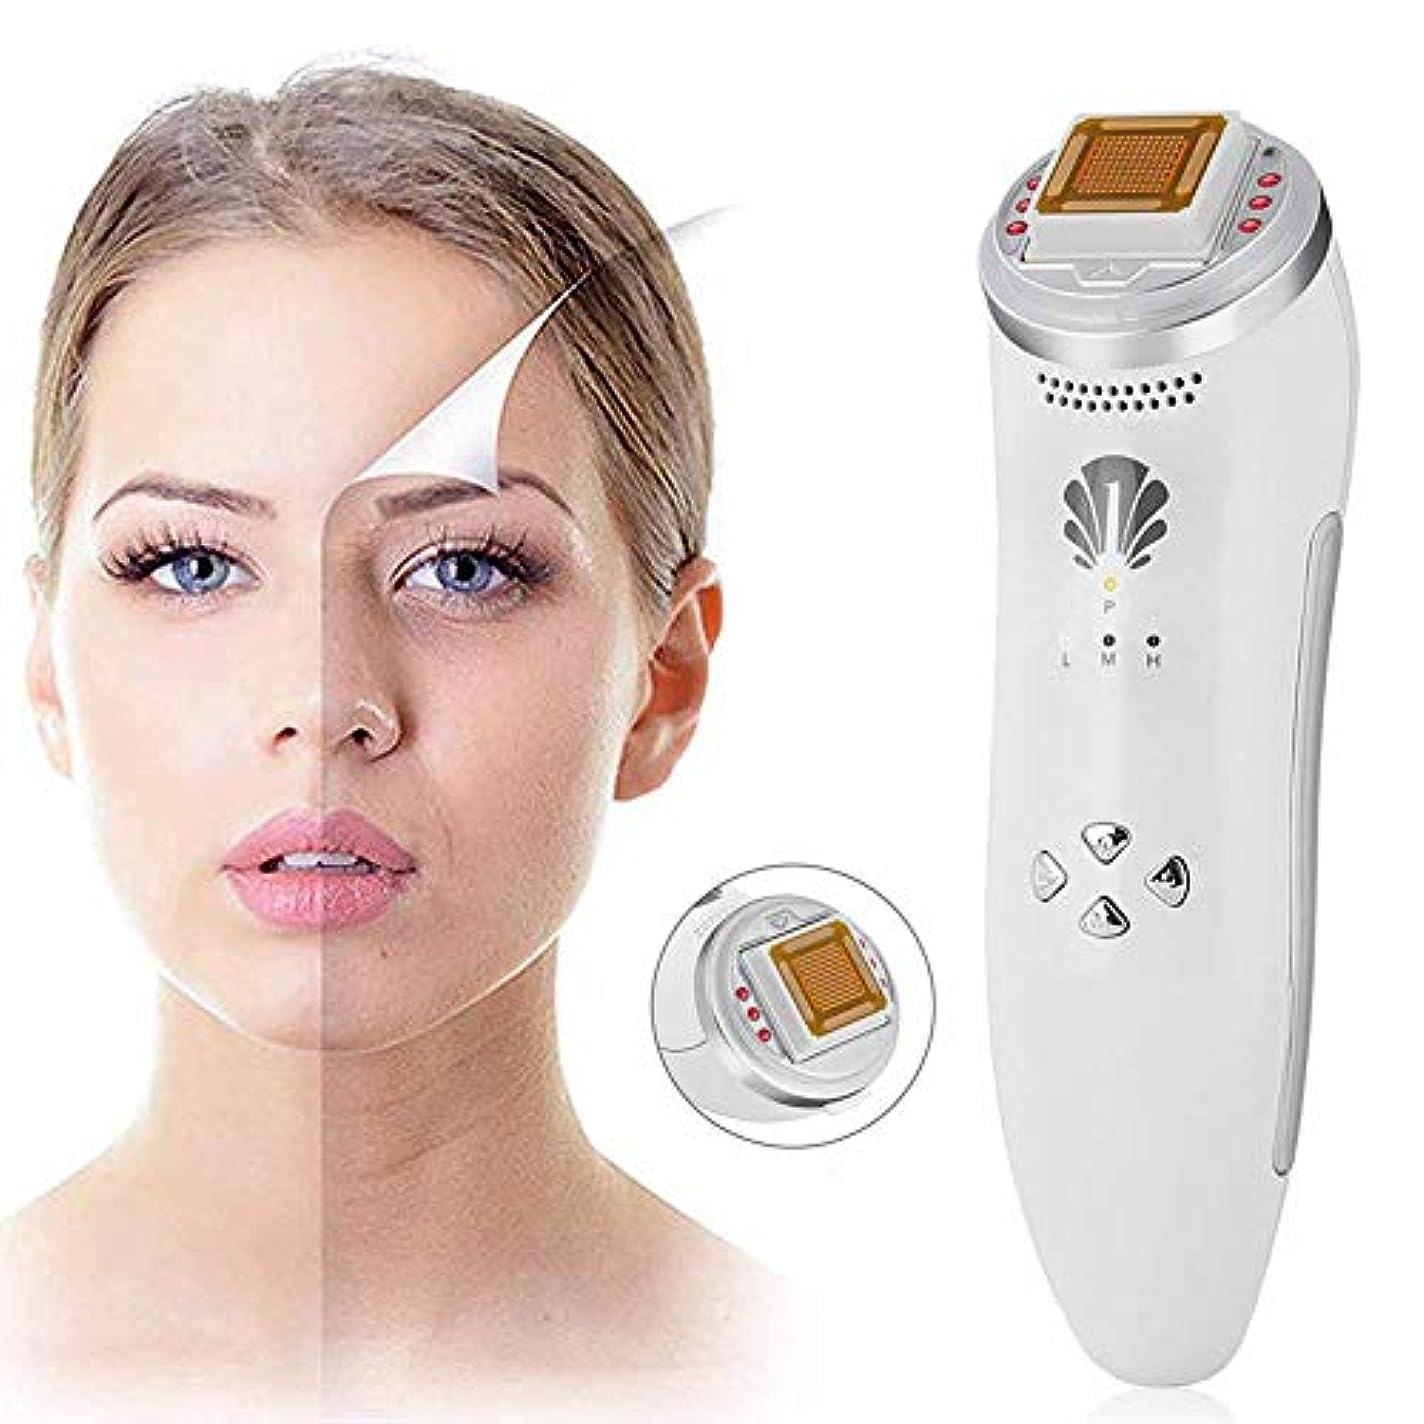 さておき人生を作るそれらしわのためのフェイスリフト装置の皮のきつく締まる機械は顔のマッサージャー多機能のスキンケアの美の器械を取除きます